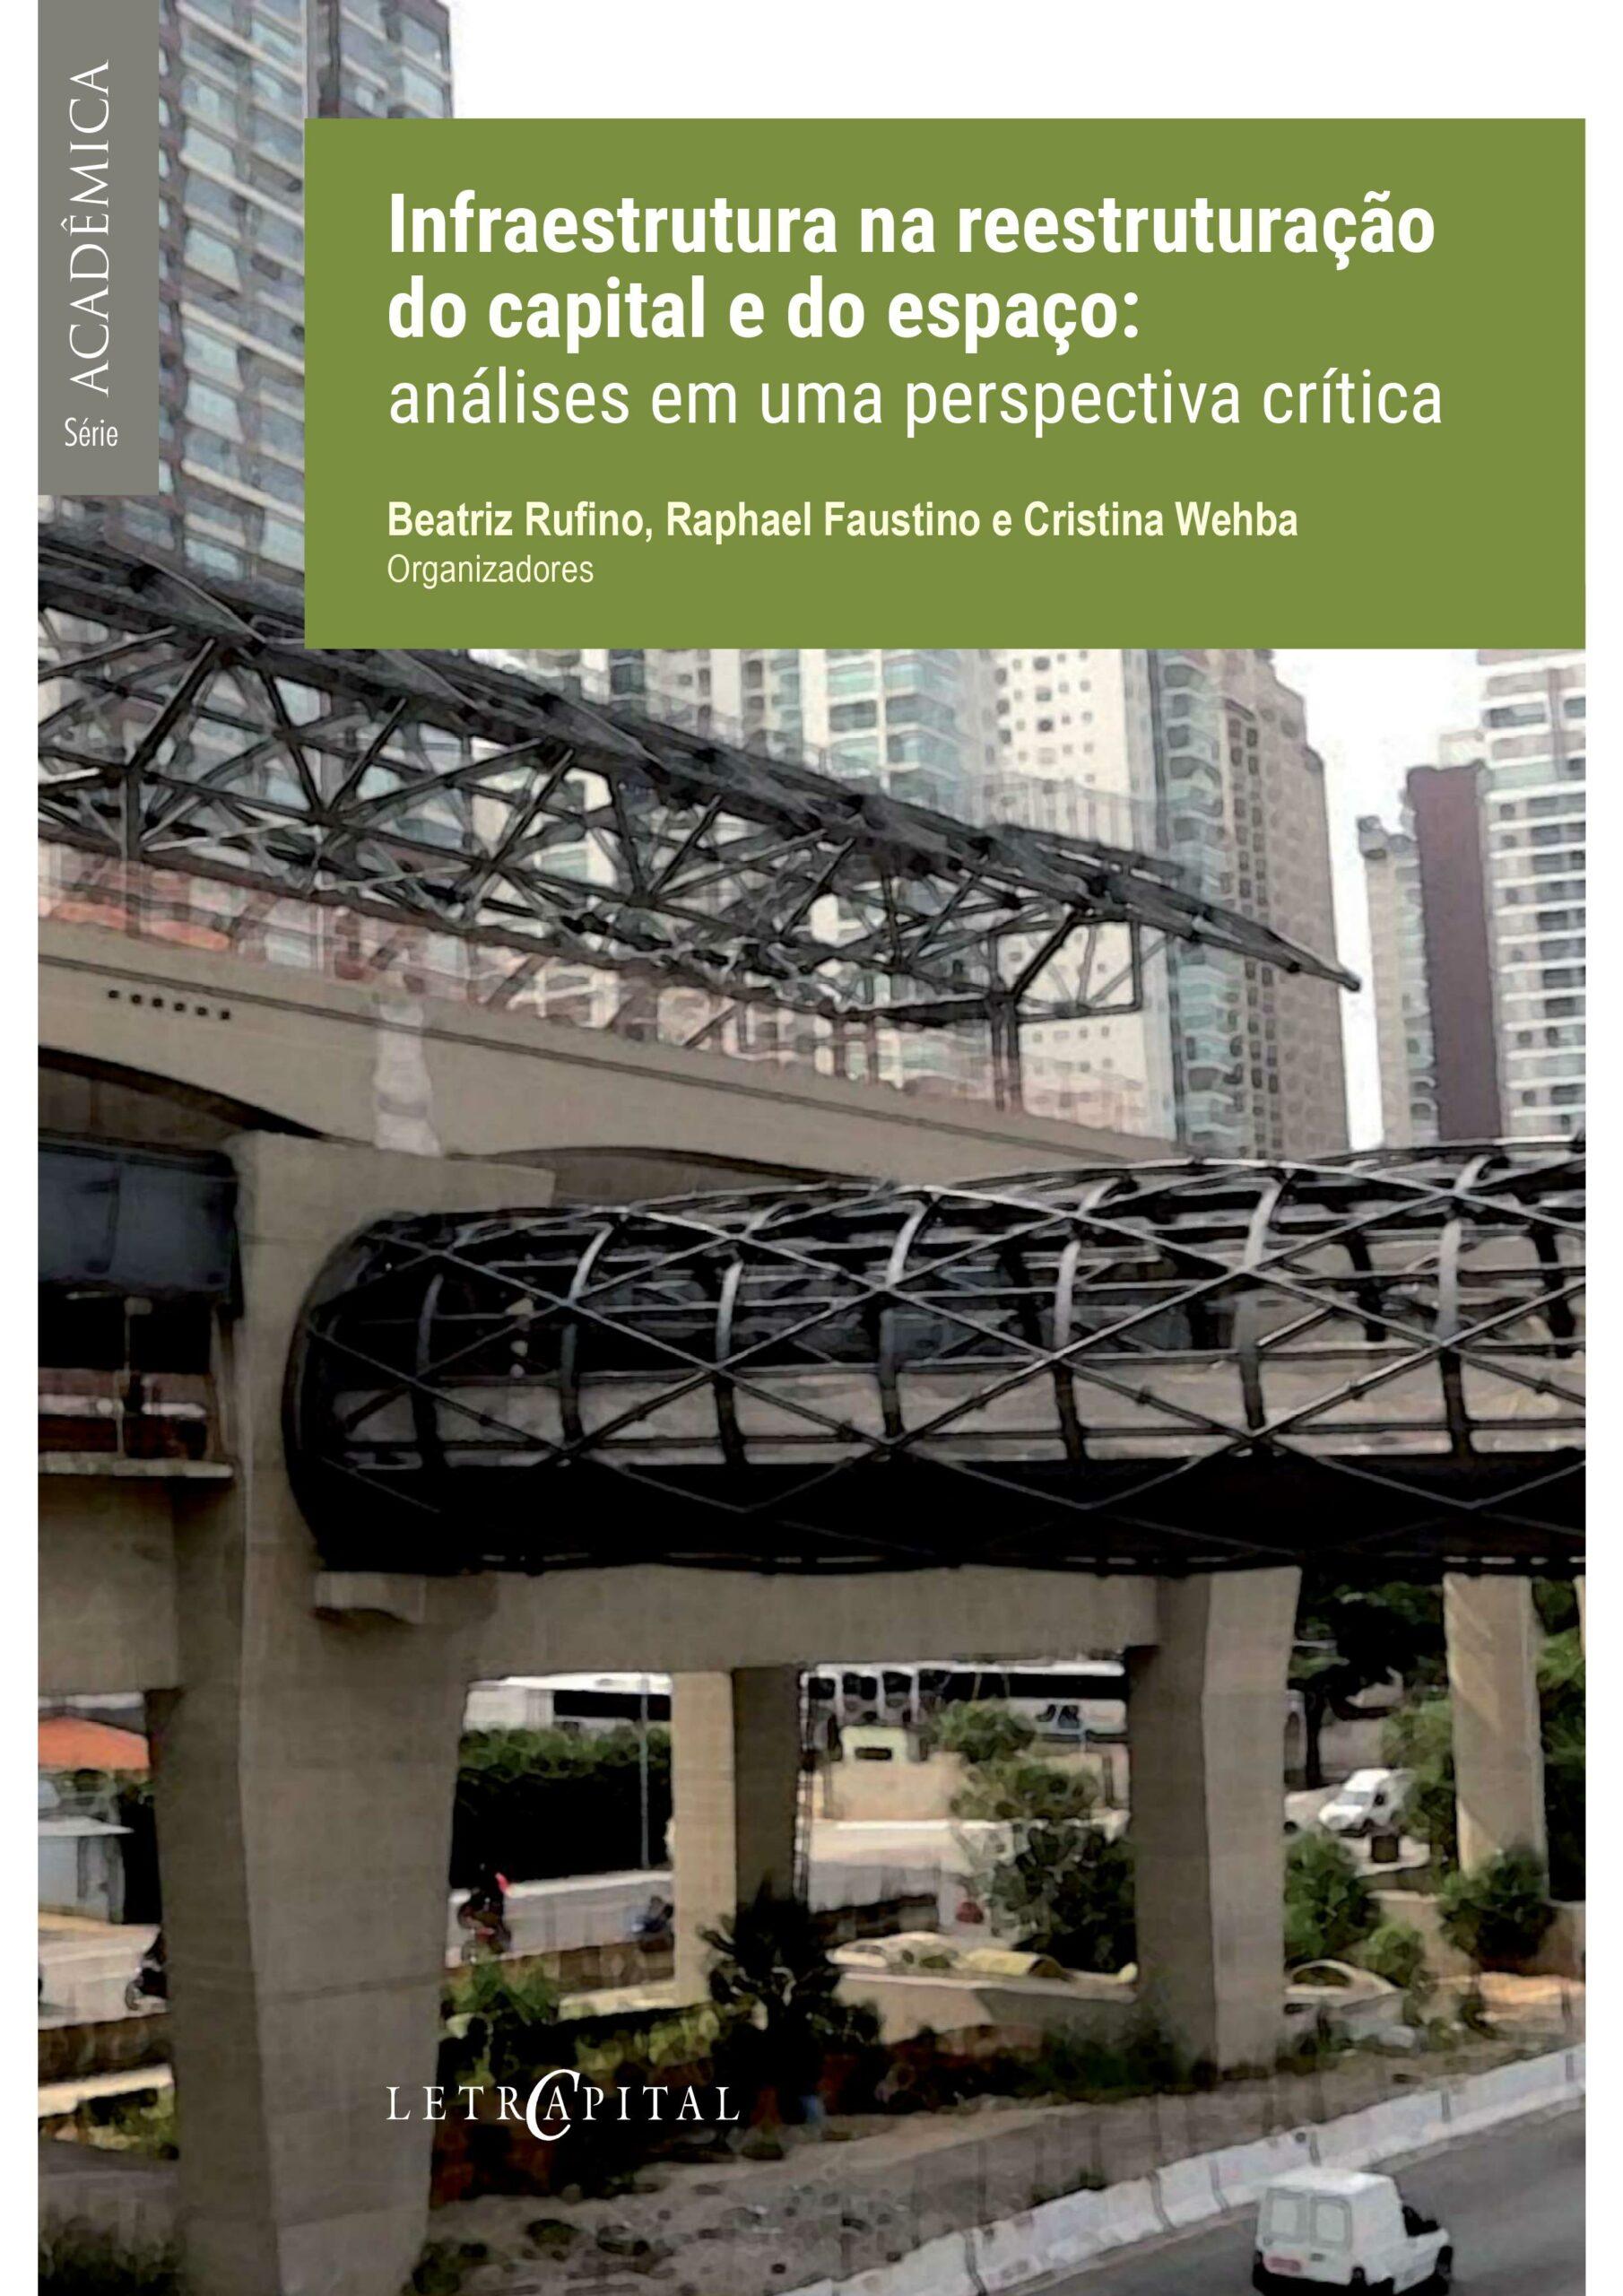 Infraestrutura na reestruturação do capital e do espaço: análises em uma perspectiva crítica